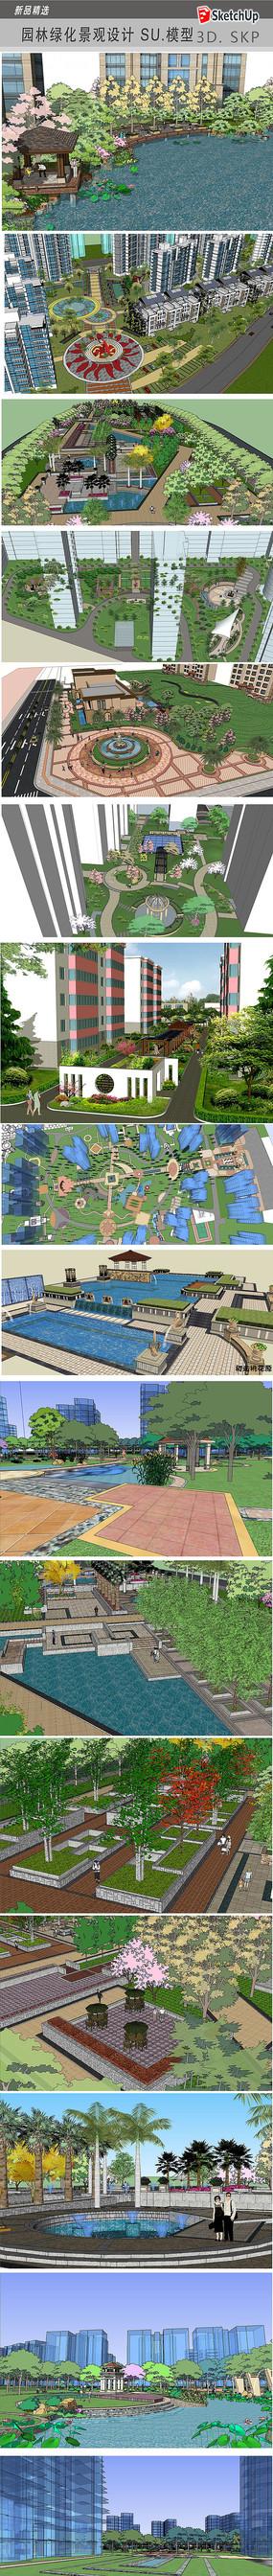 地产园林景观设计